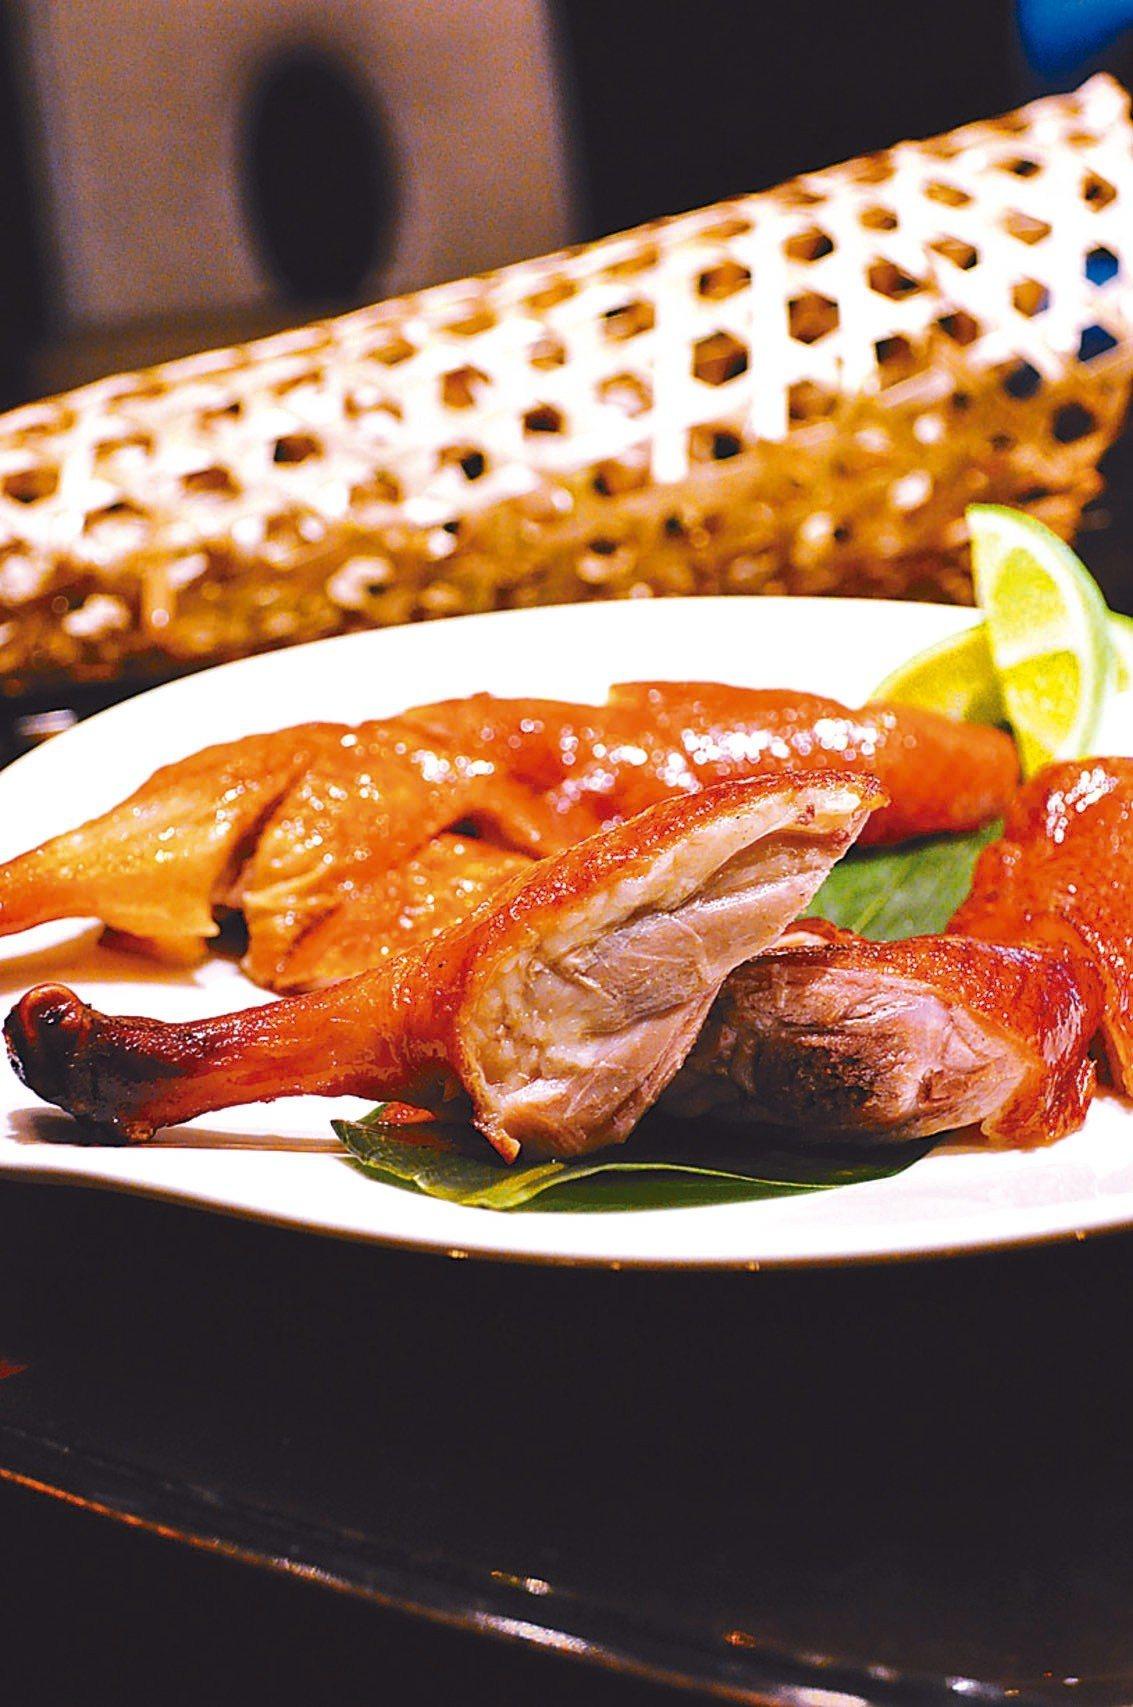 脆皮先知鴨為頤宮中餐廳招牌菜色。 圖/台北君品酒店提供